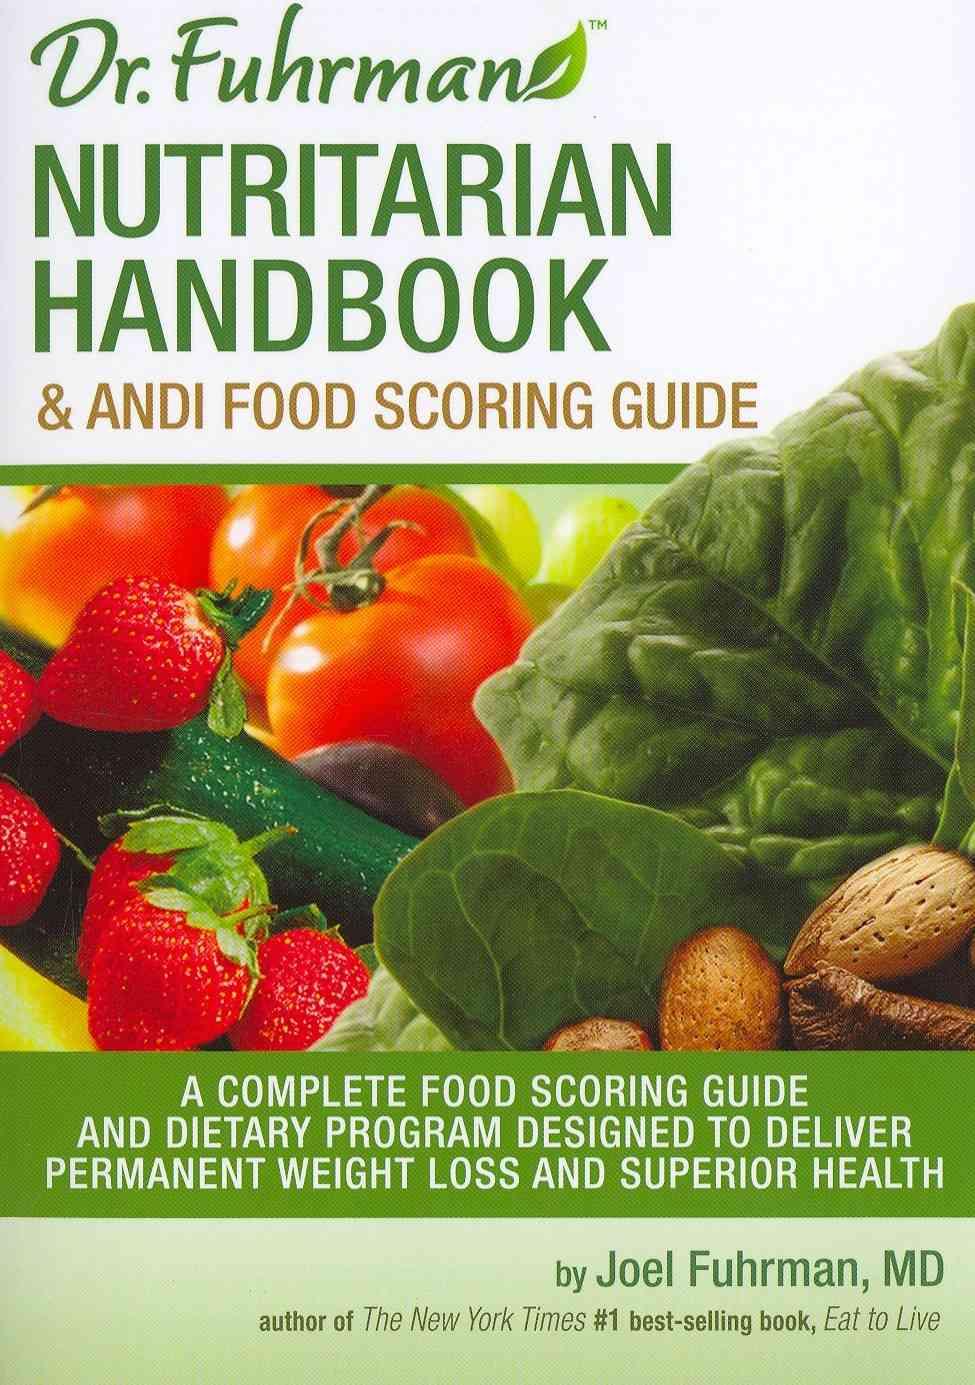 Nutritarian Handbook and Andi Food Scoring Guide (Paperback)